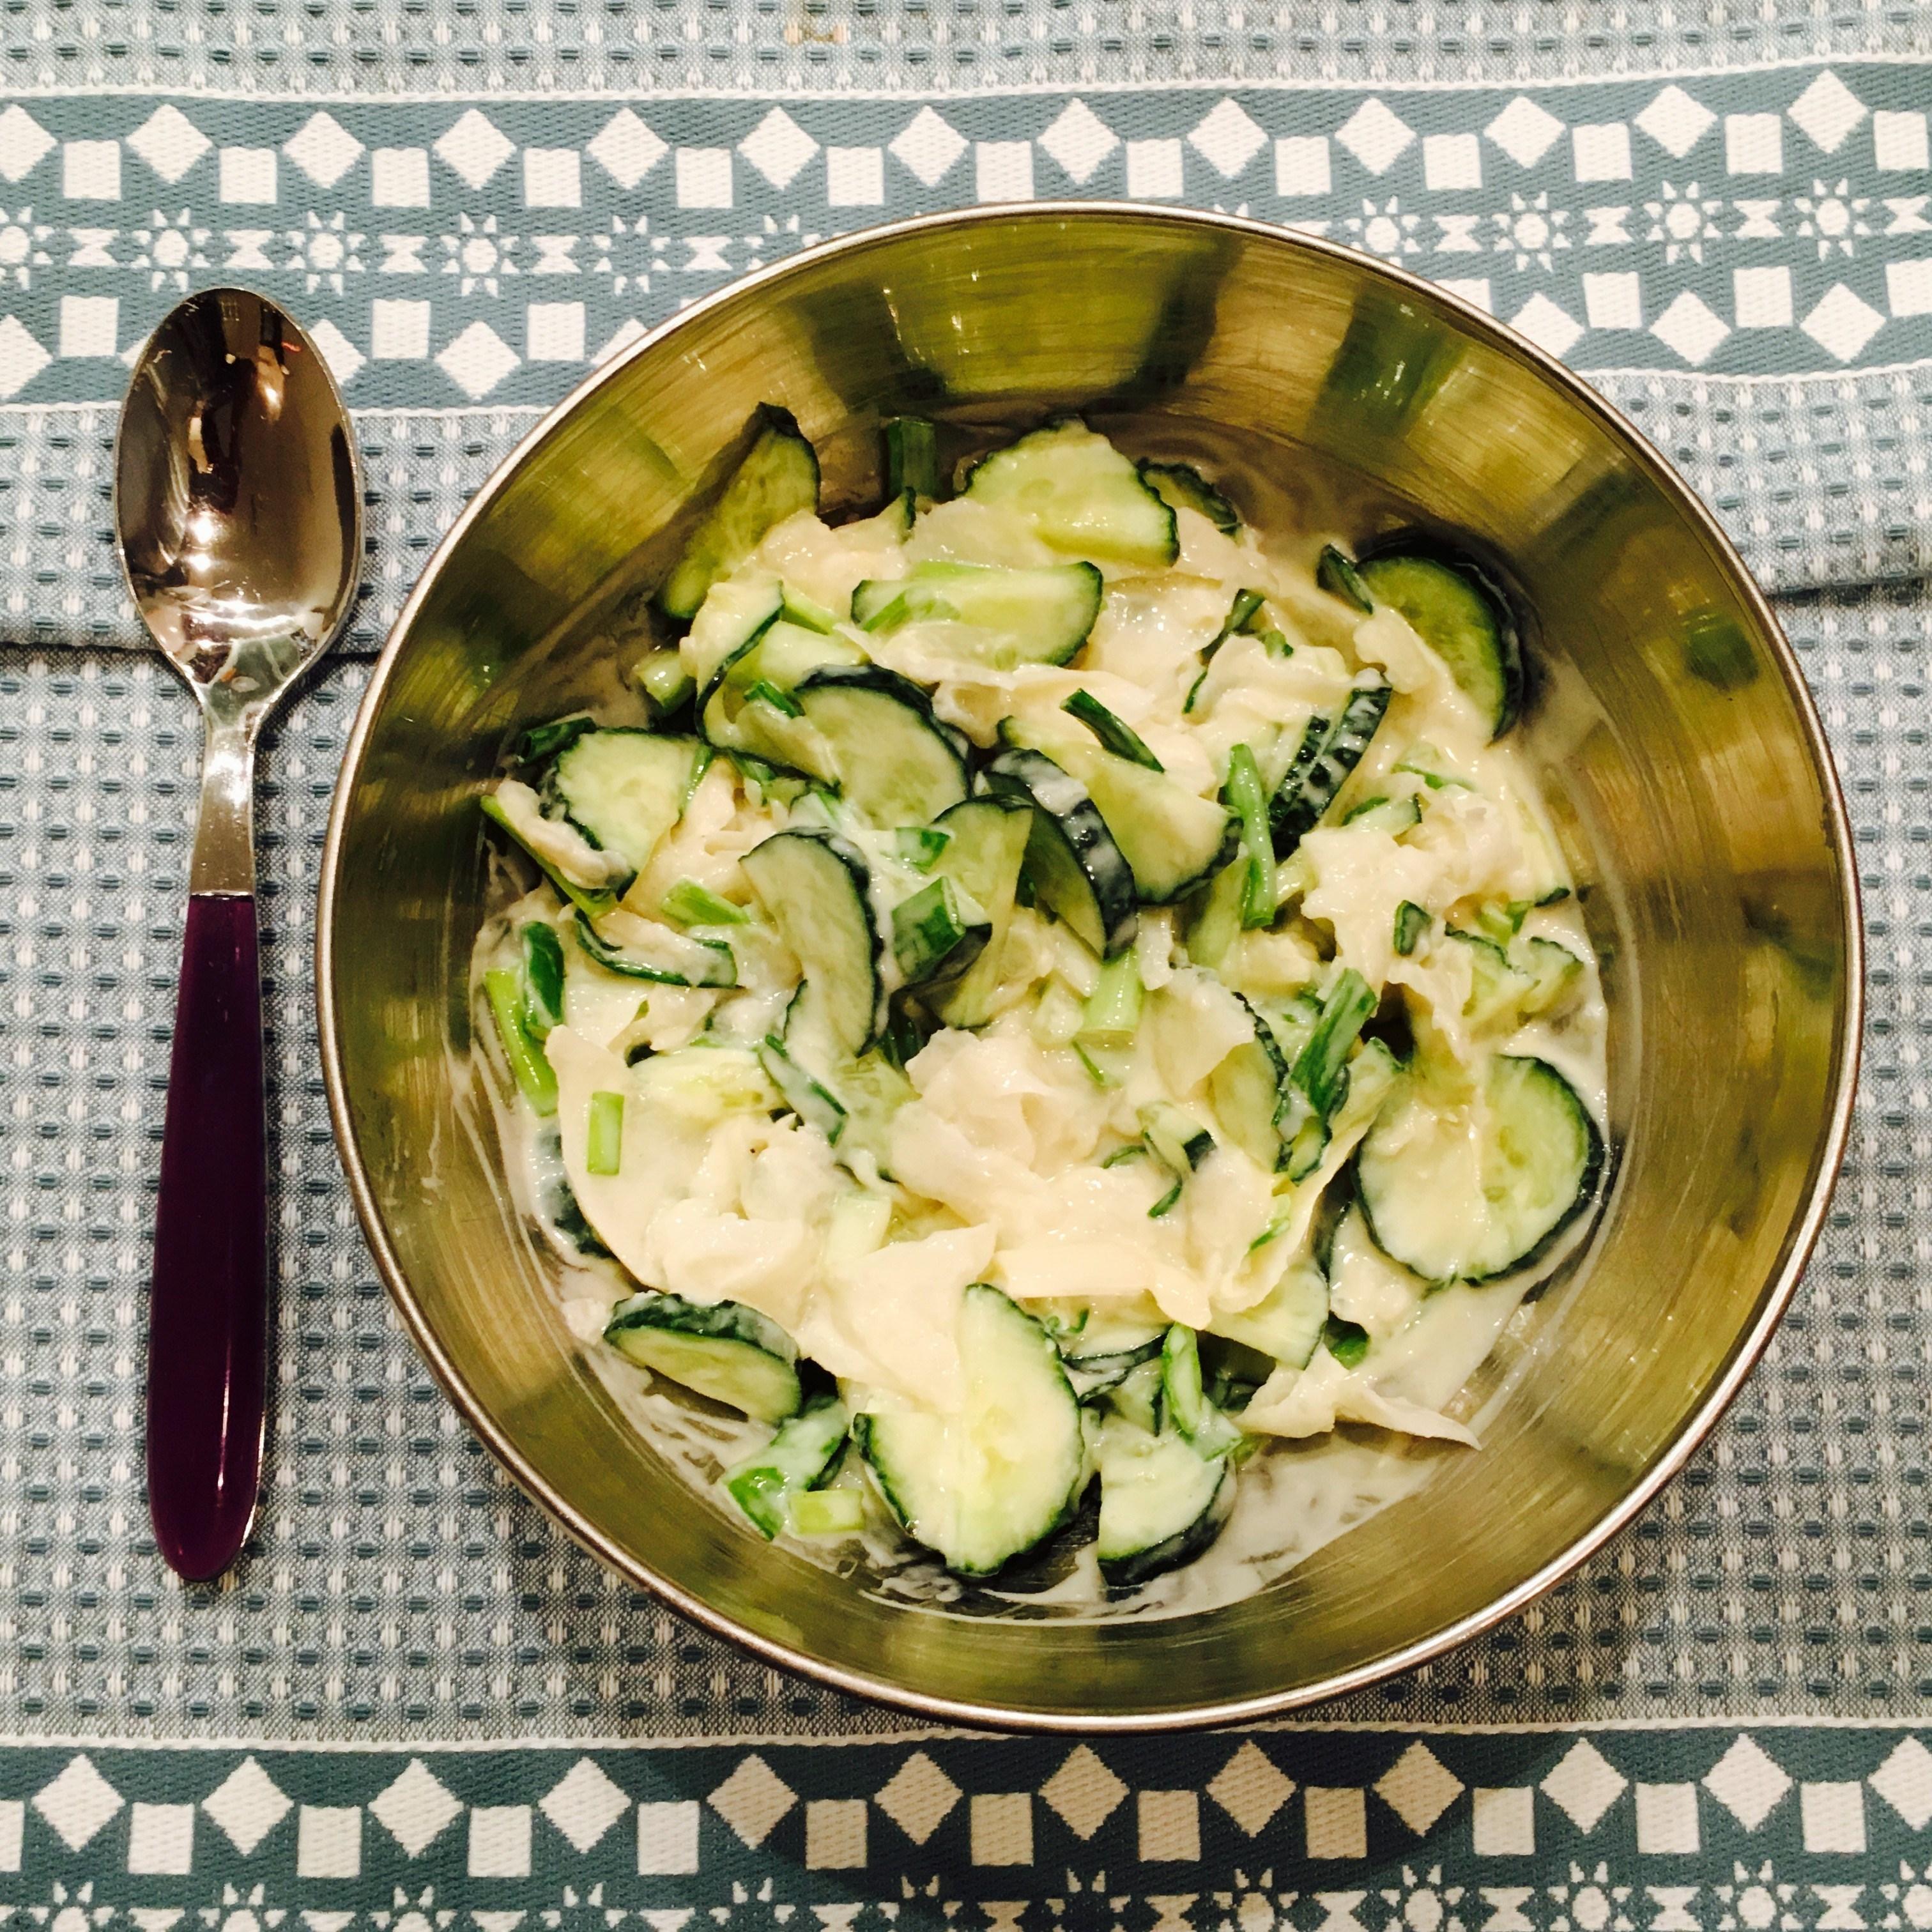 татарский салат рецепт с фото